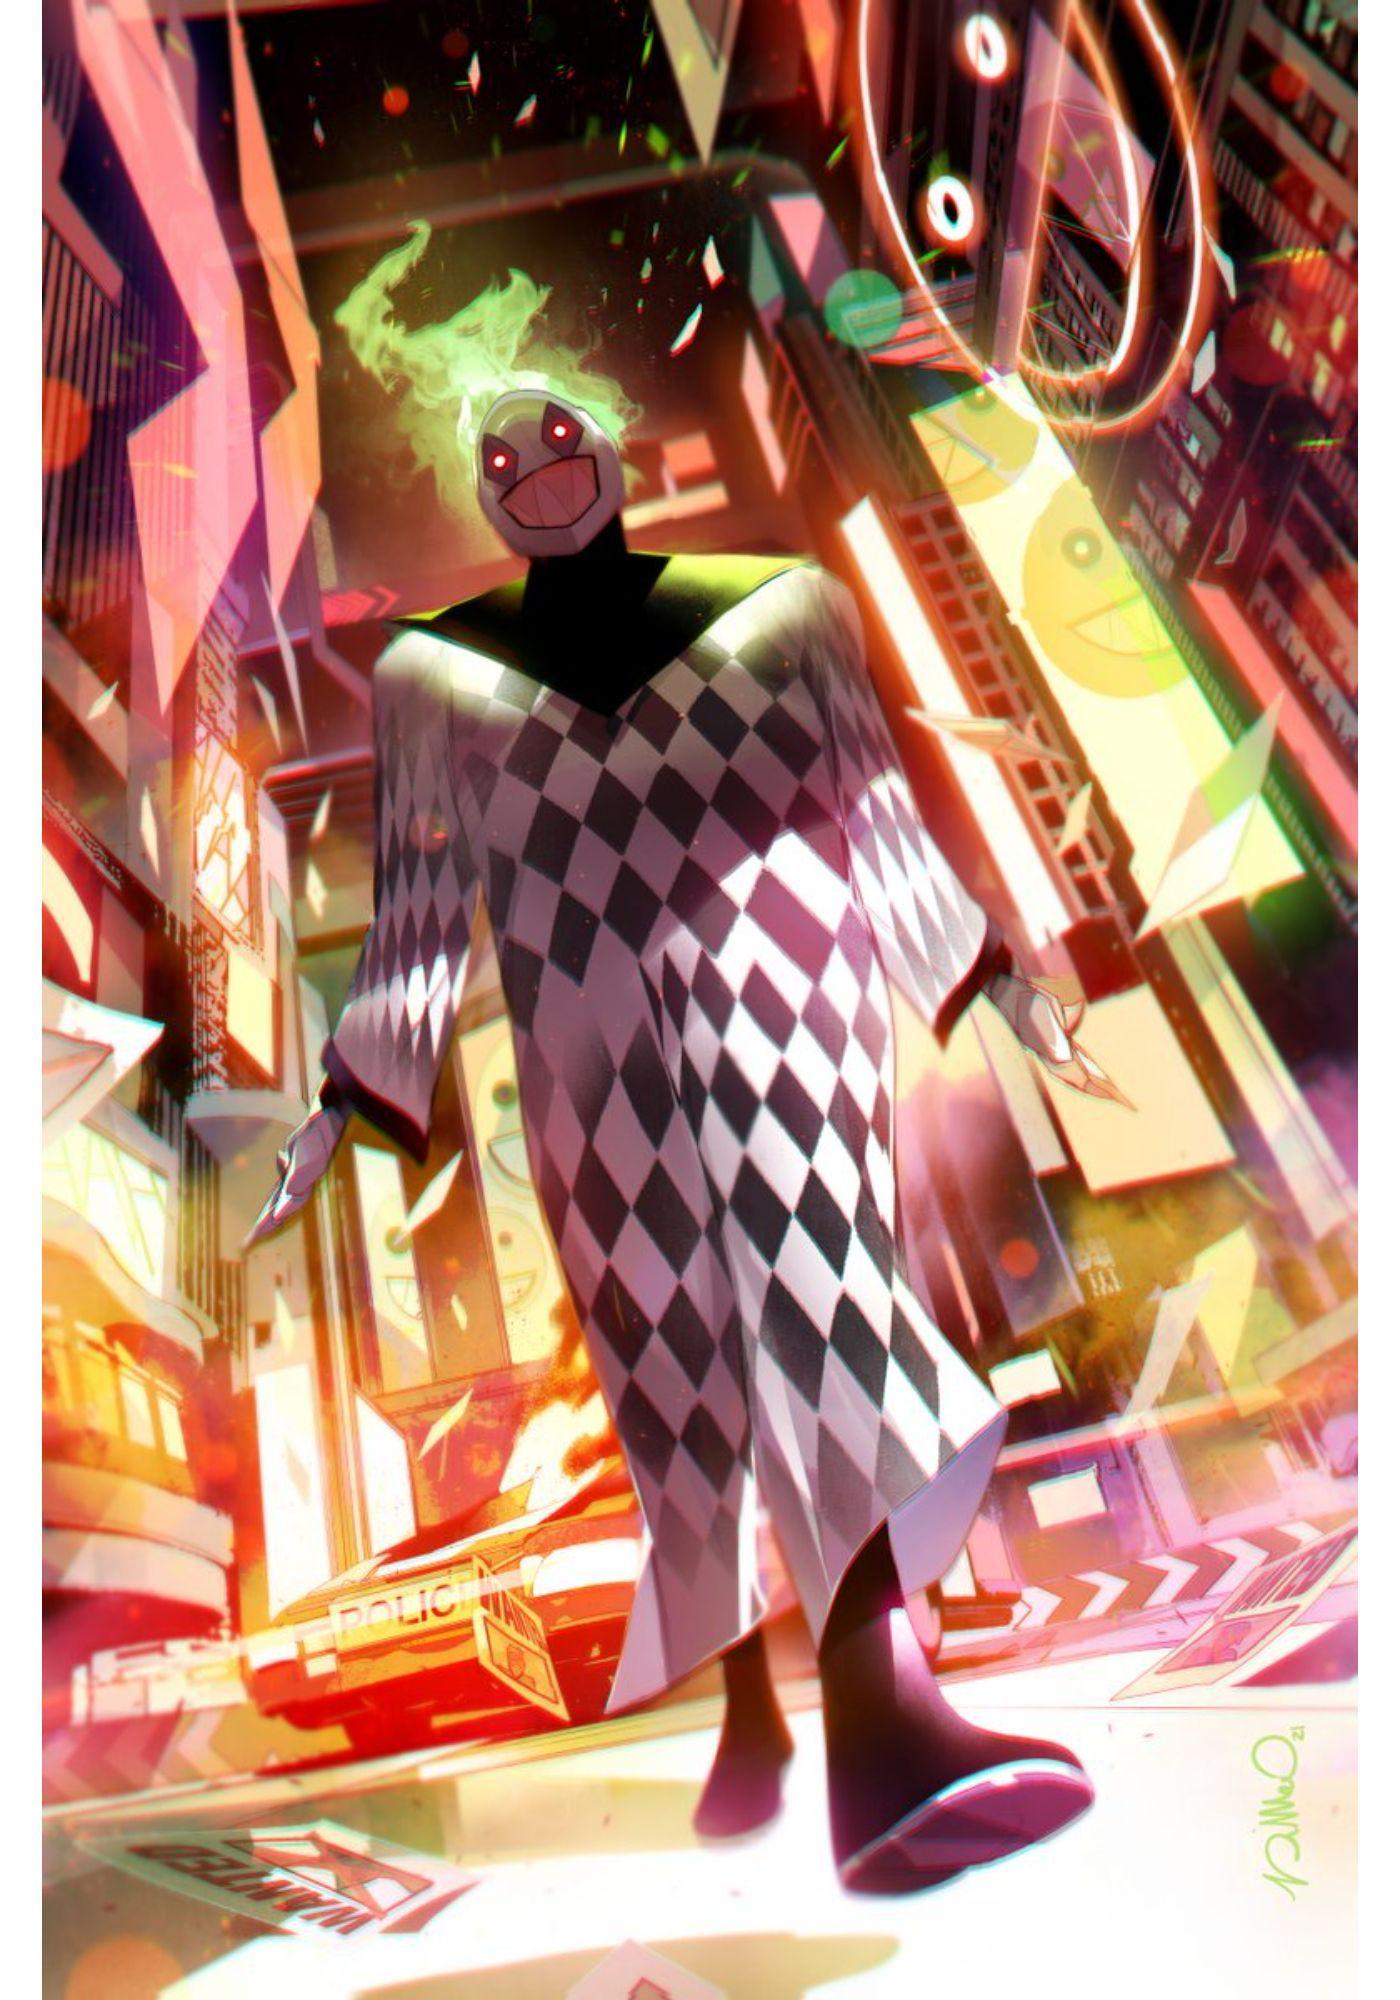 Novo Joker da DC foi revelado e ele é assustador 1